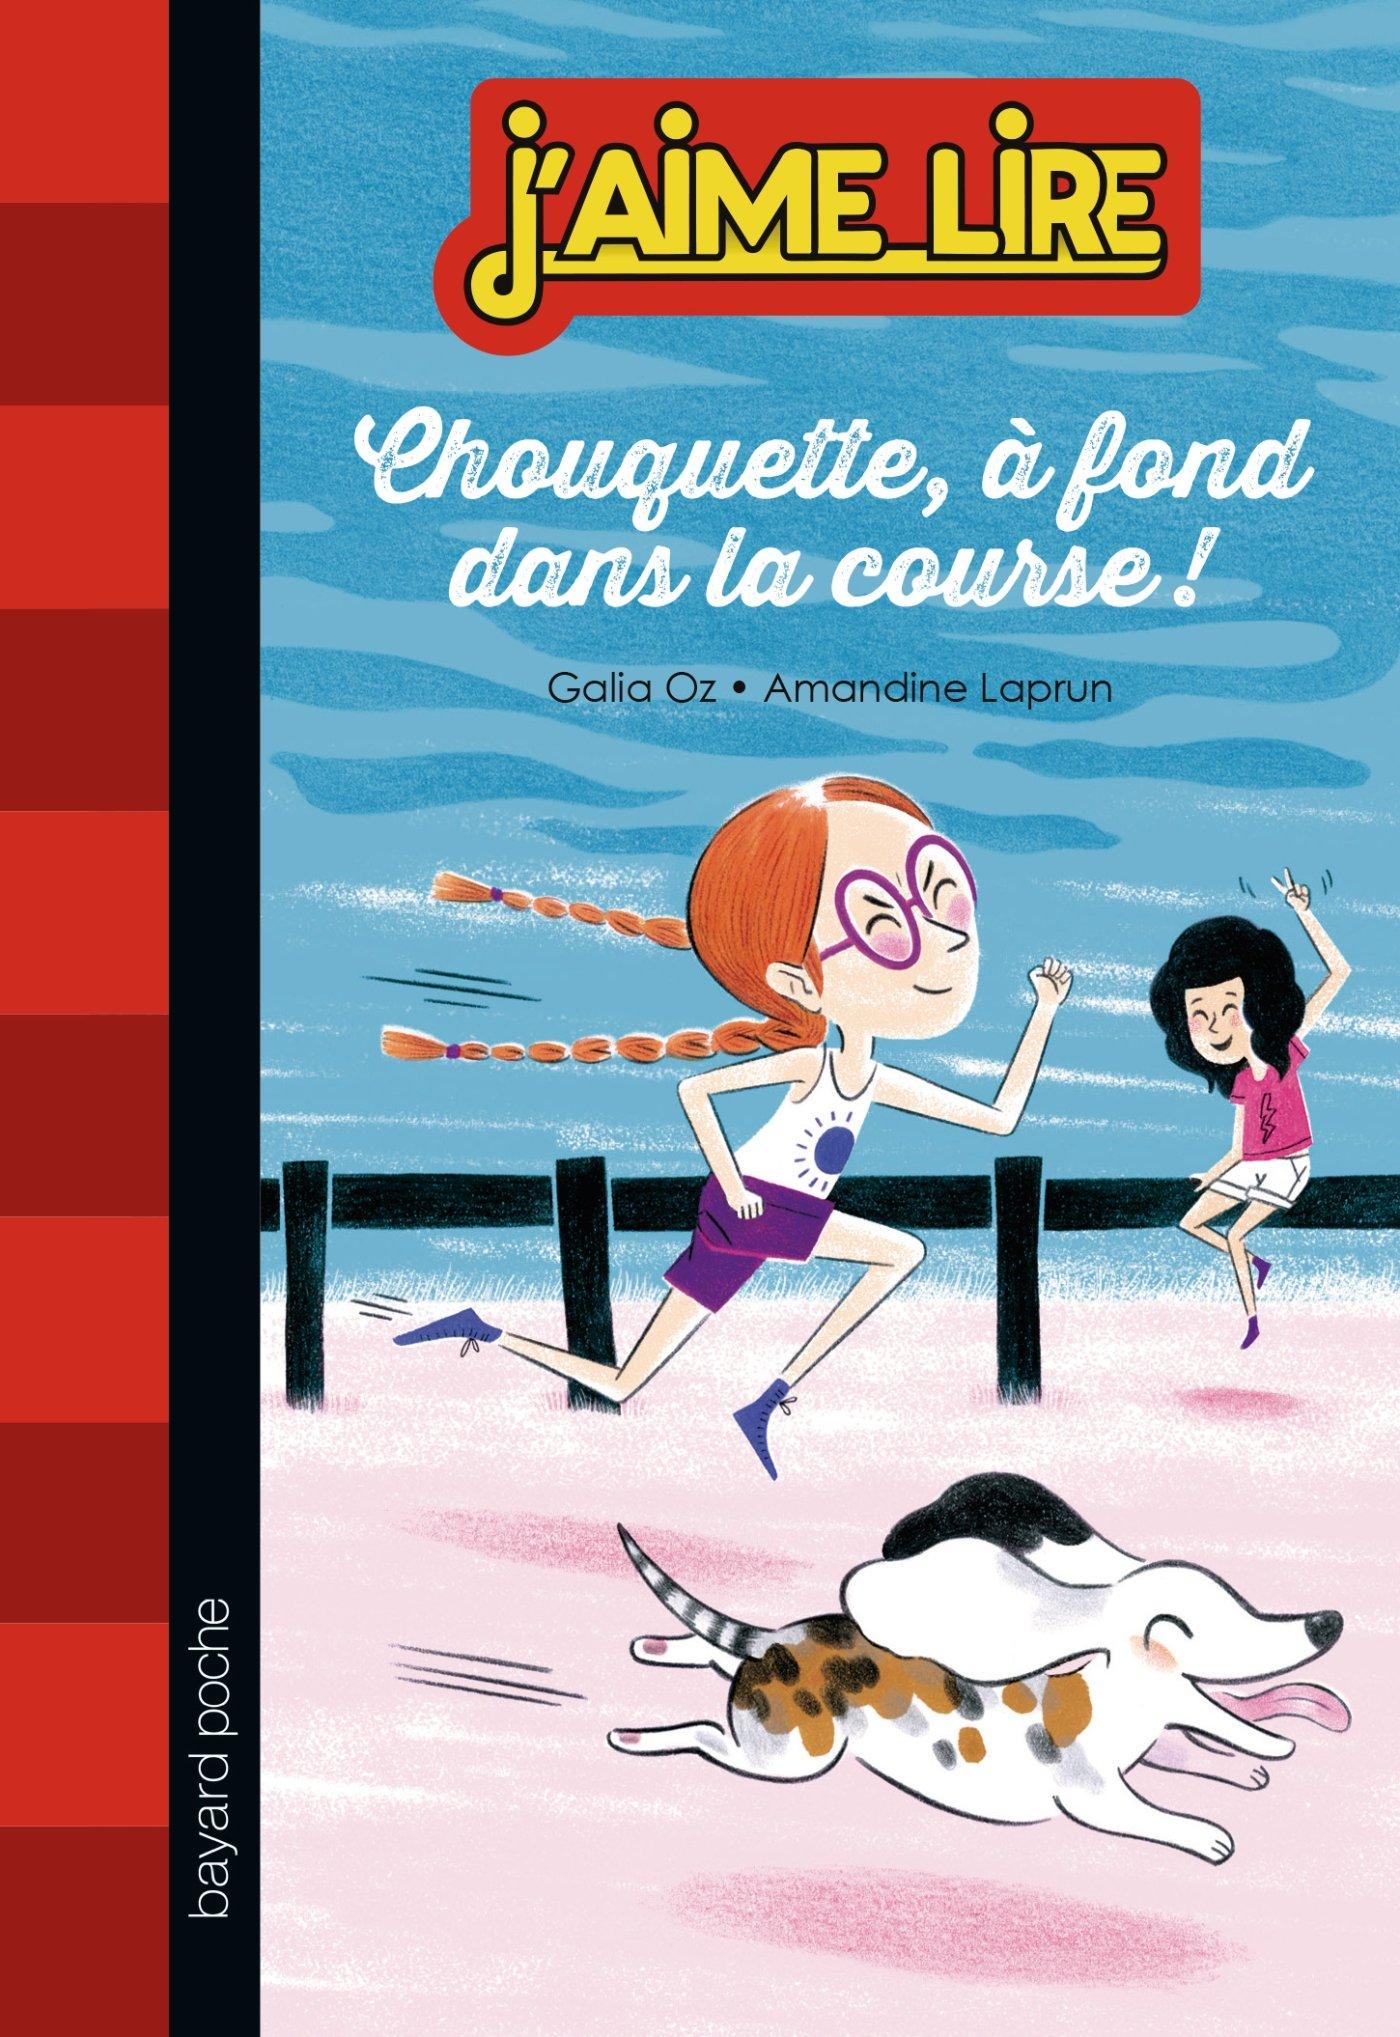 Chouquette a fond dans la course t2 ebook